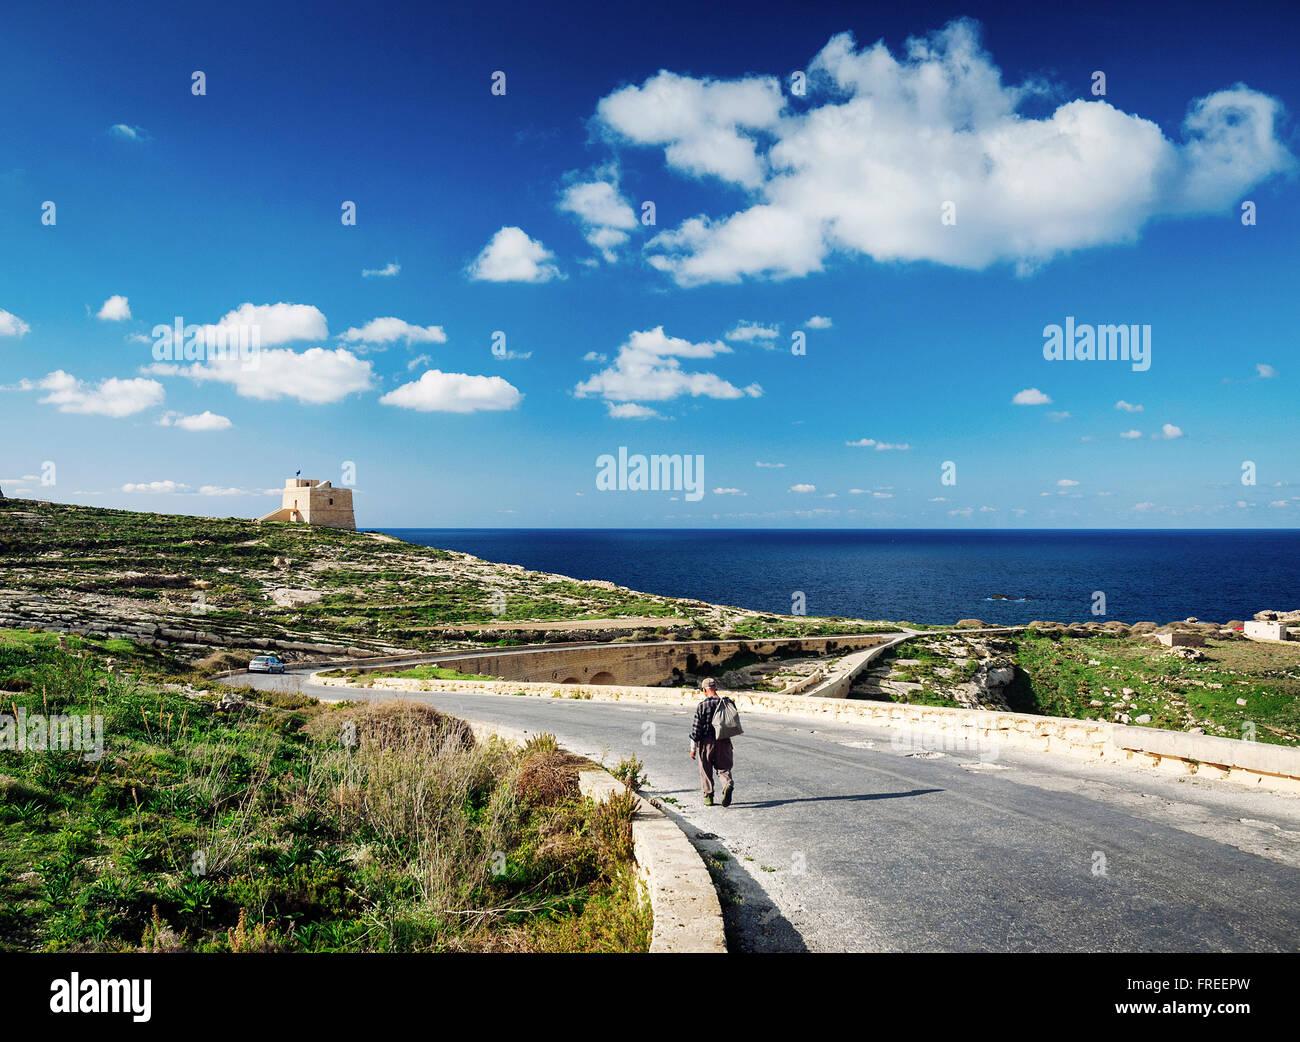 Pastore sulla strada vicino a Fort e costa mediterranea vista dell isola di Gozo a Malta Immagini Stock